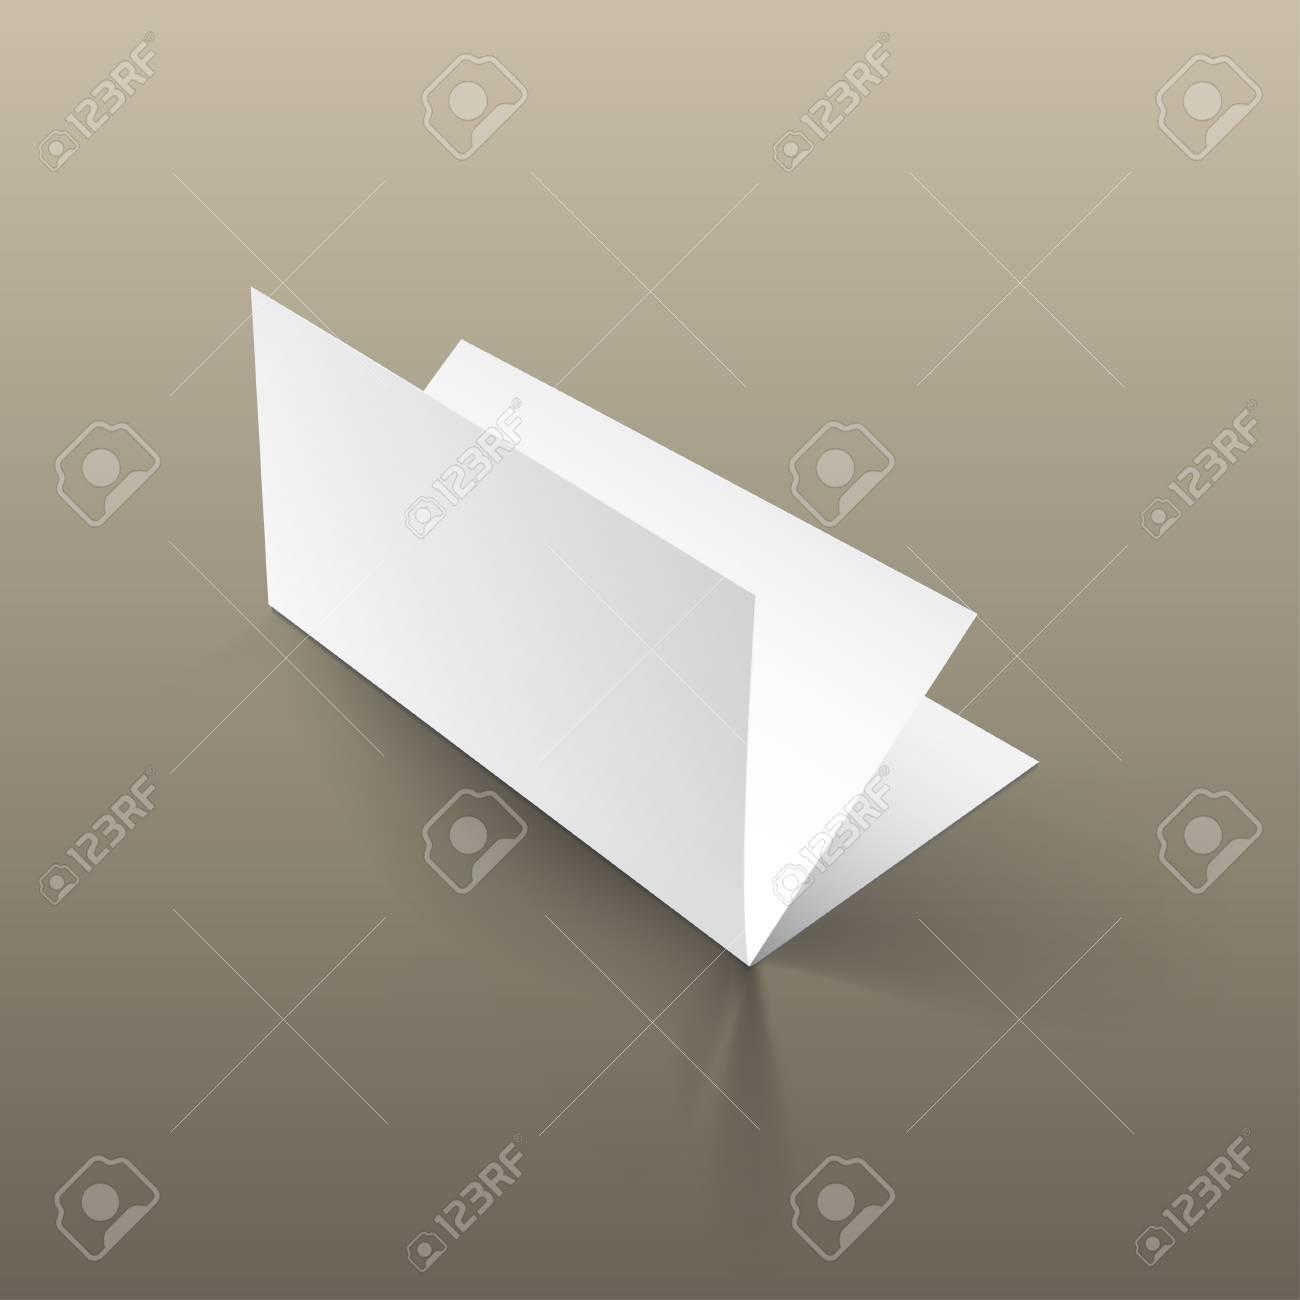 Revista En Blanco Vacío O Libro O Folleto, Folleto, Catálogo ...